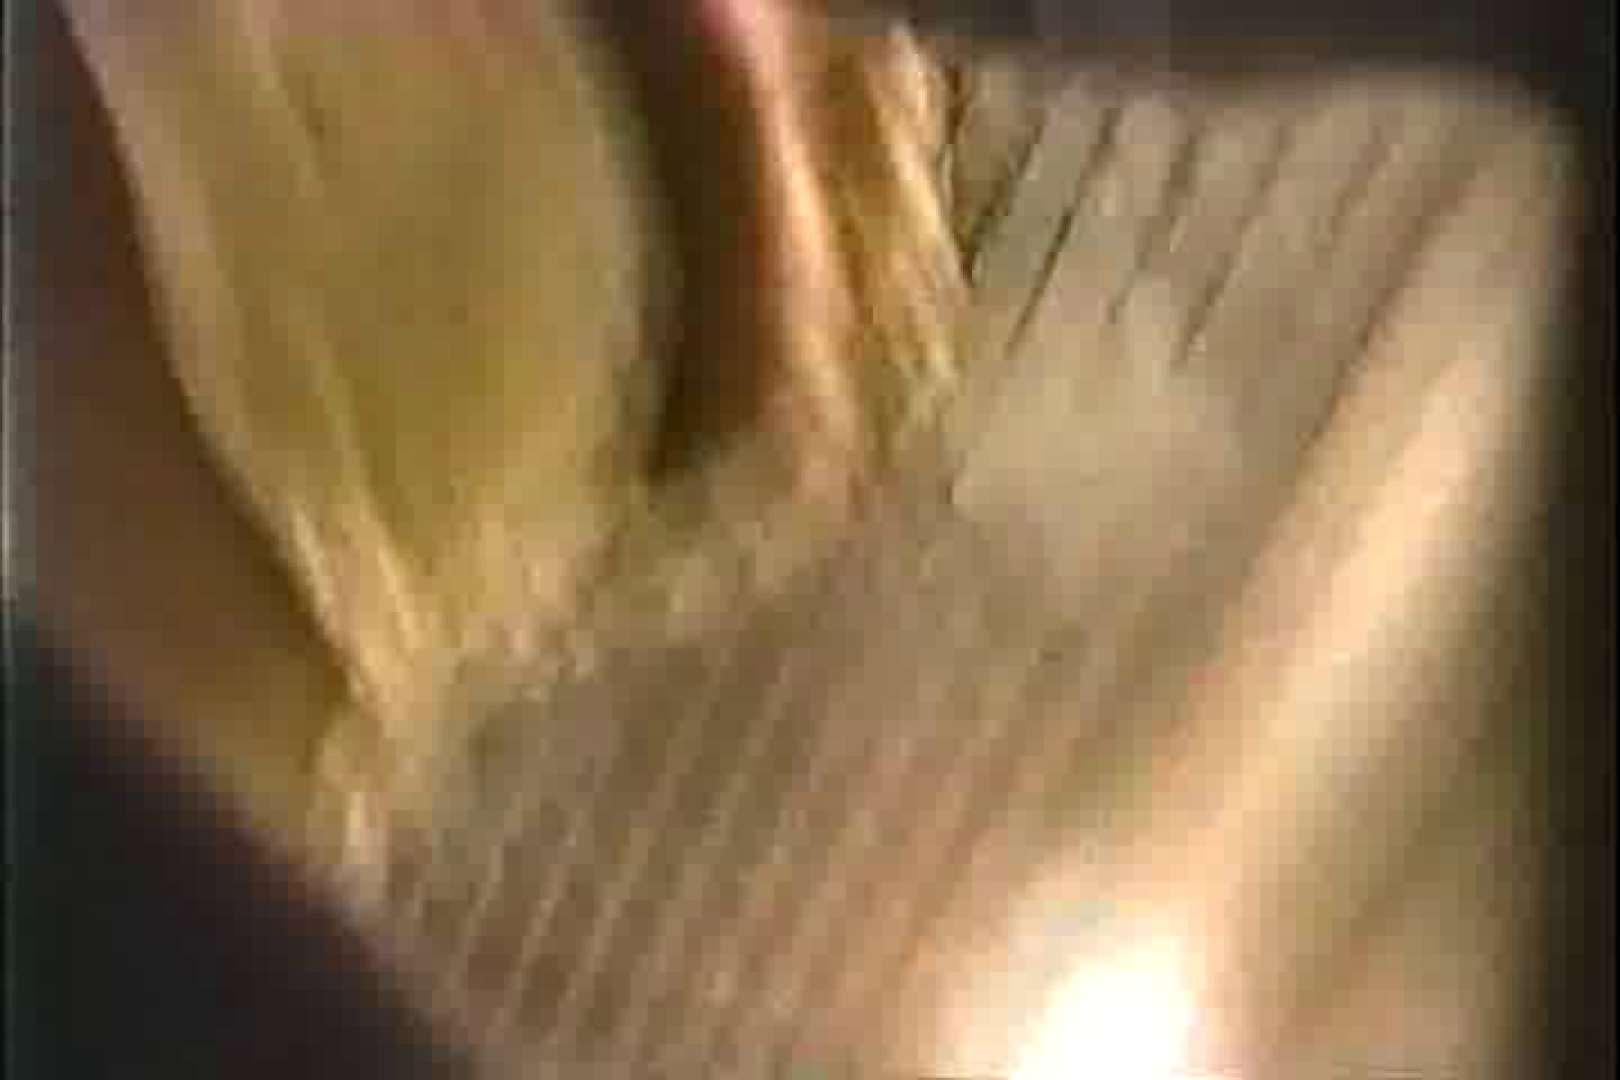 「ちくりん」さんのオリジナル未編集パンチラVol.4_02 チラ すけべAV動画紹介 107画像 38